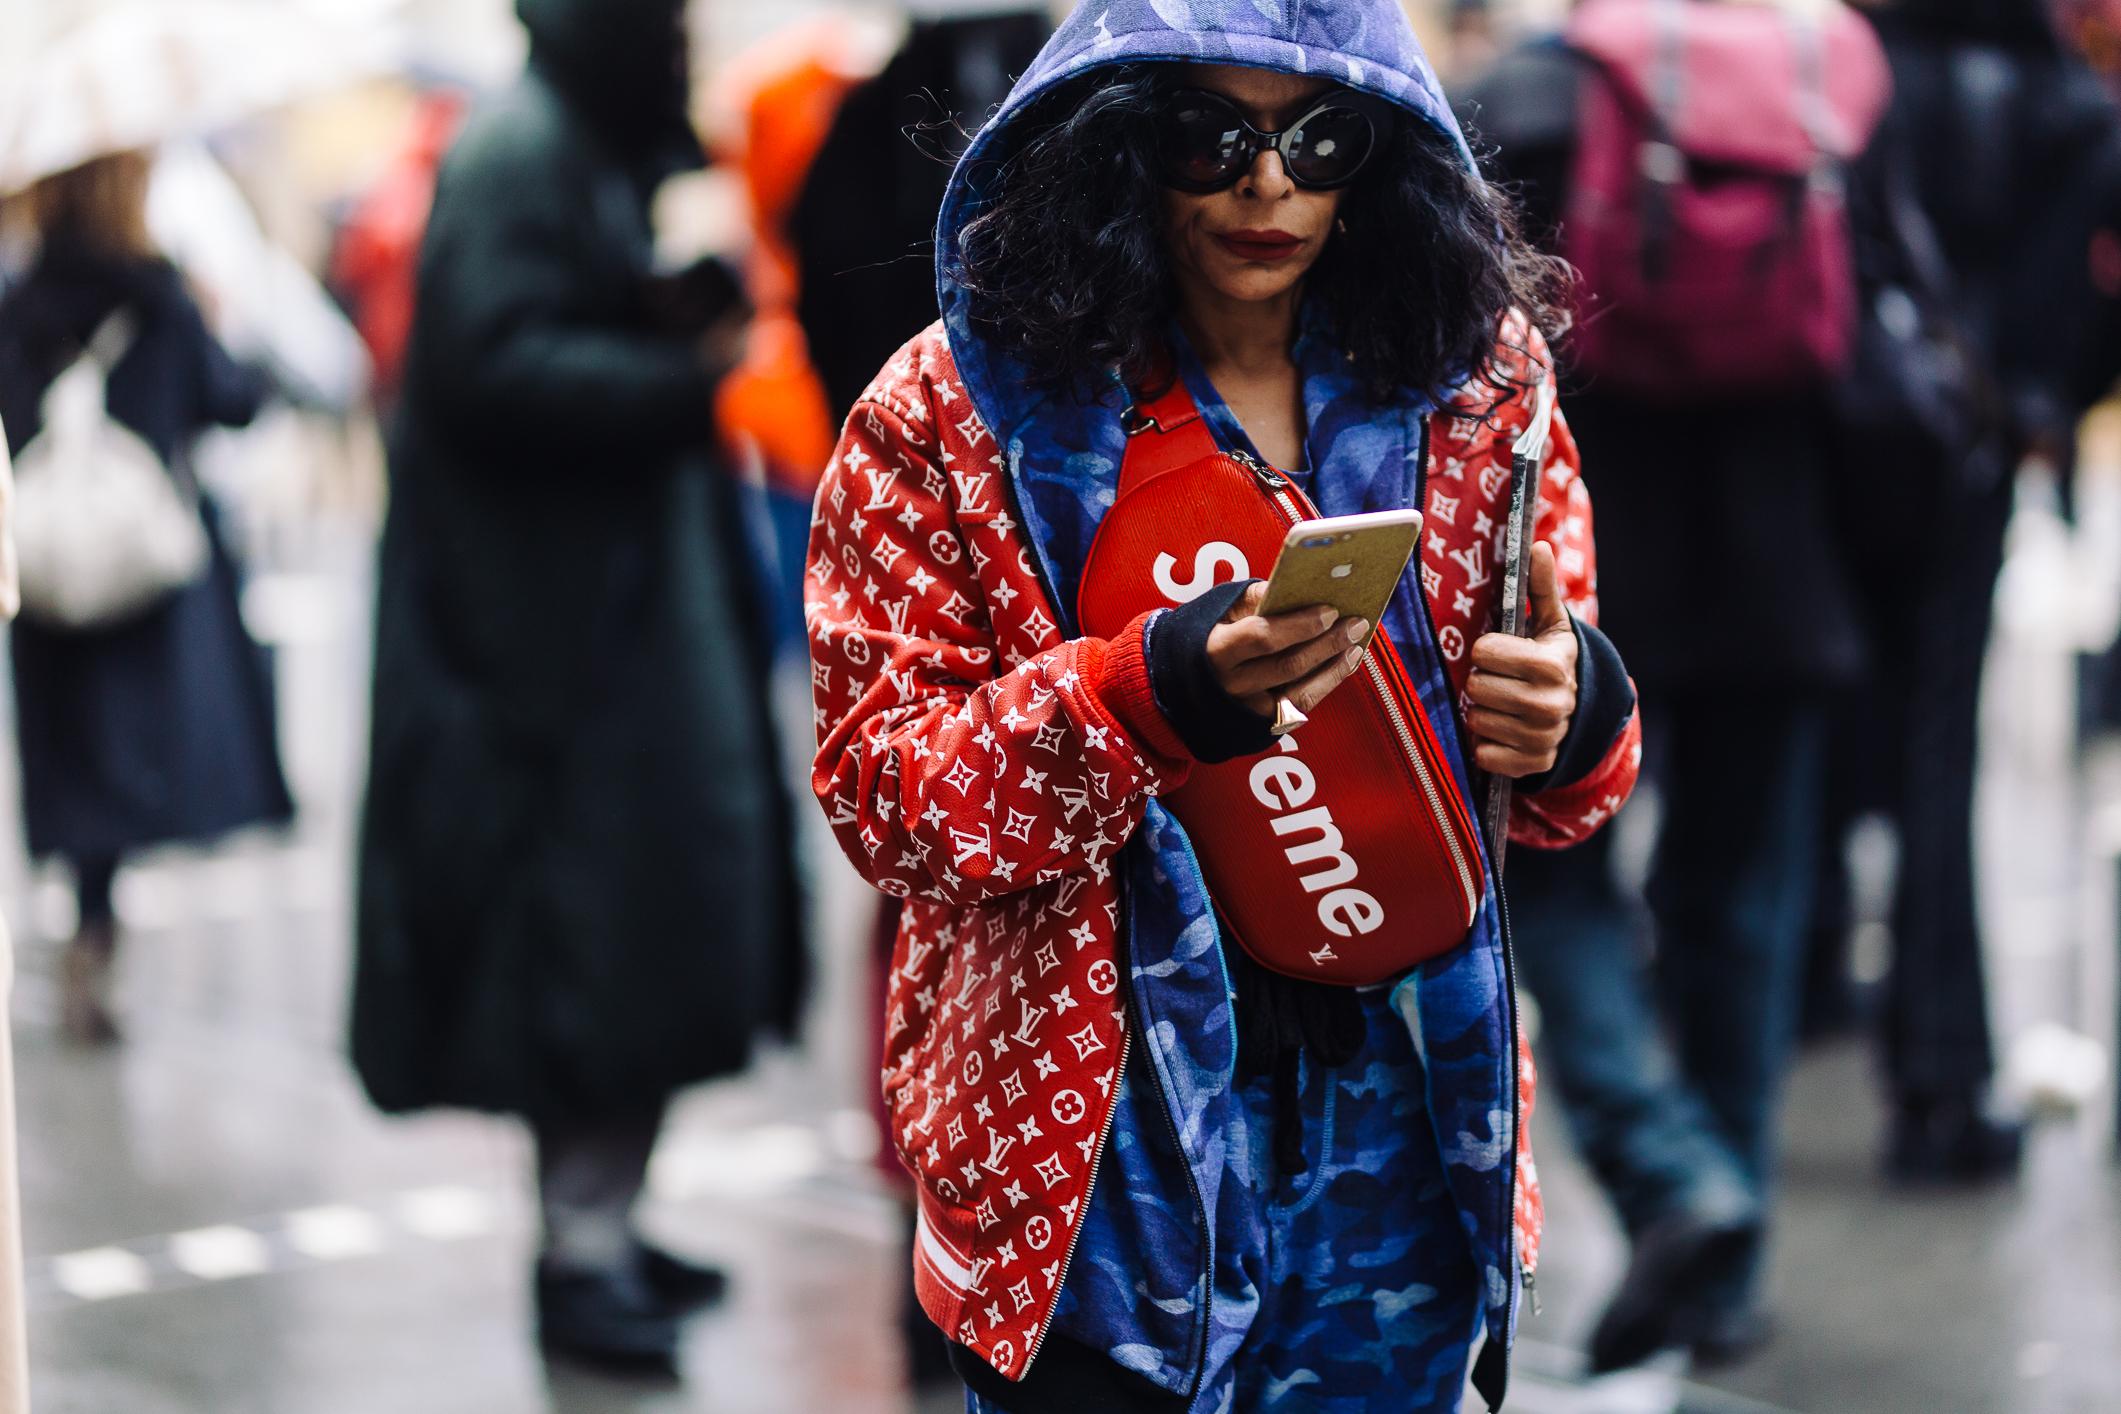 Đây thực sự là một tín đồ của hai hãng thời trang nổi tiếng Superme và Louis Vuitton. Màu đỏ kết hợp với xanh rằn ri mang lại phong cách cá tính, năng động.